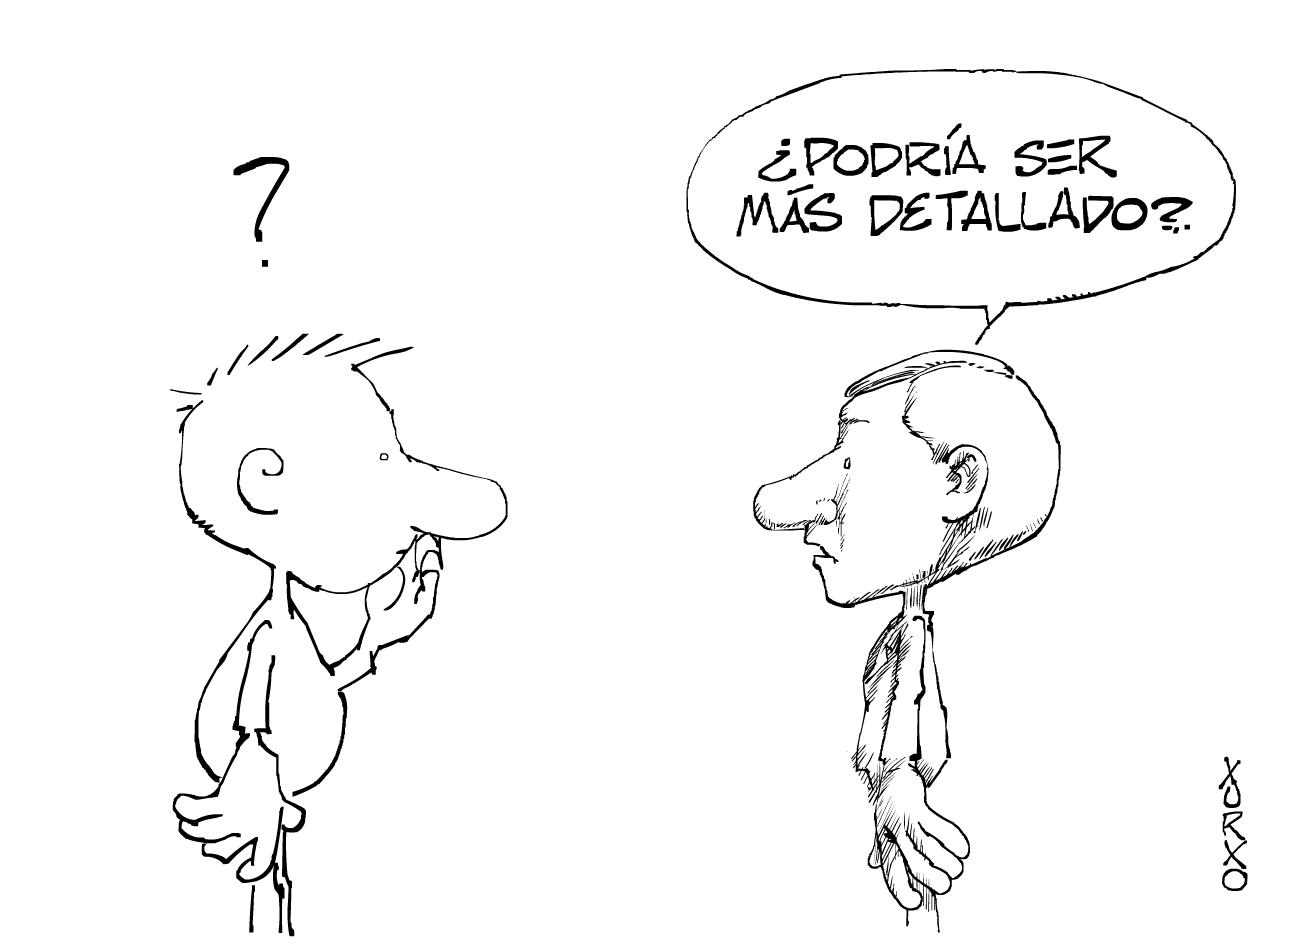 Dos personajes conversando